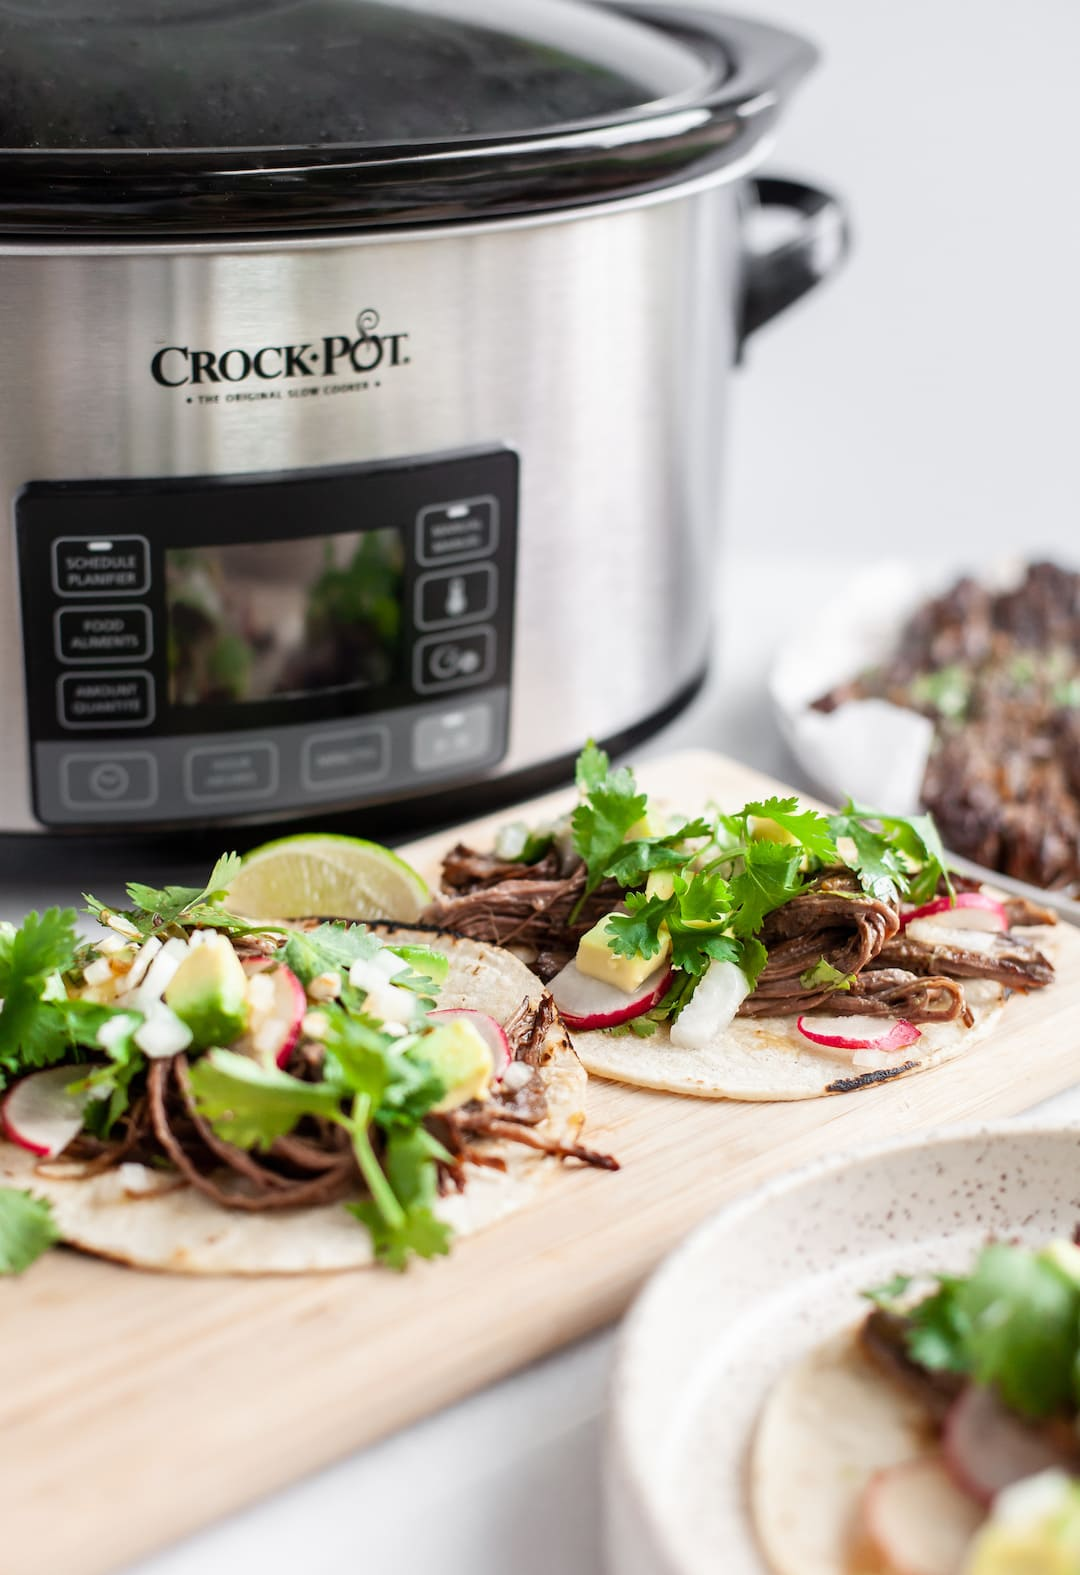 Crockpot with Carne Asada Tacos on a wood try